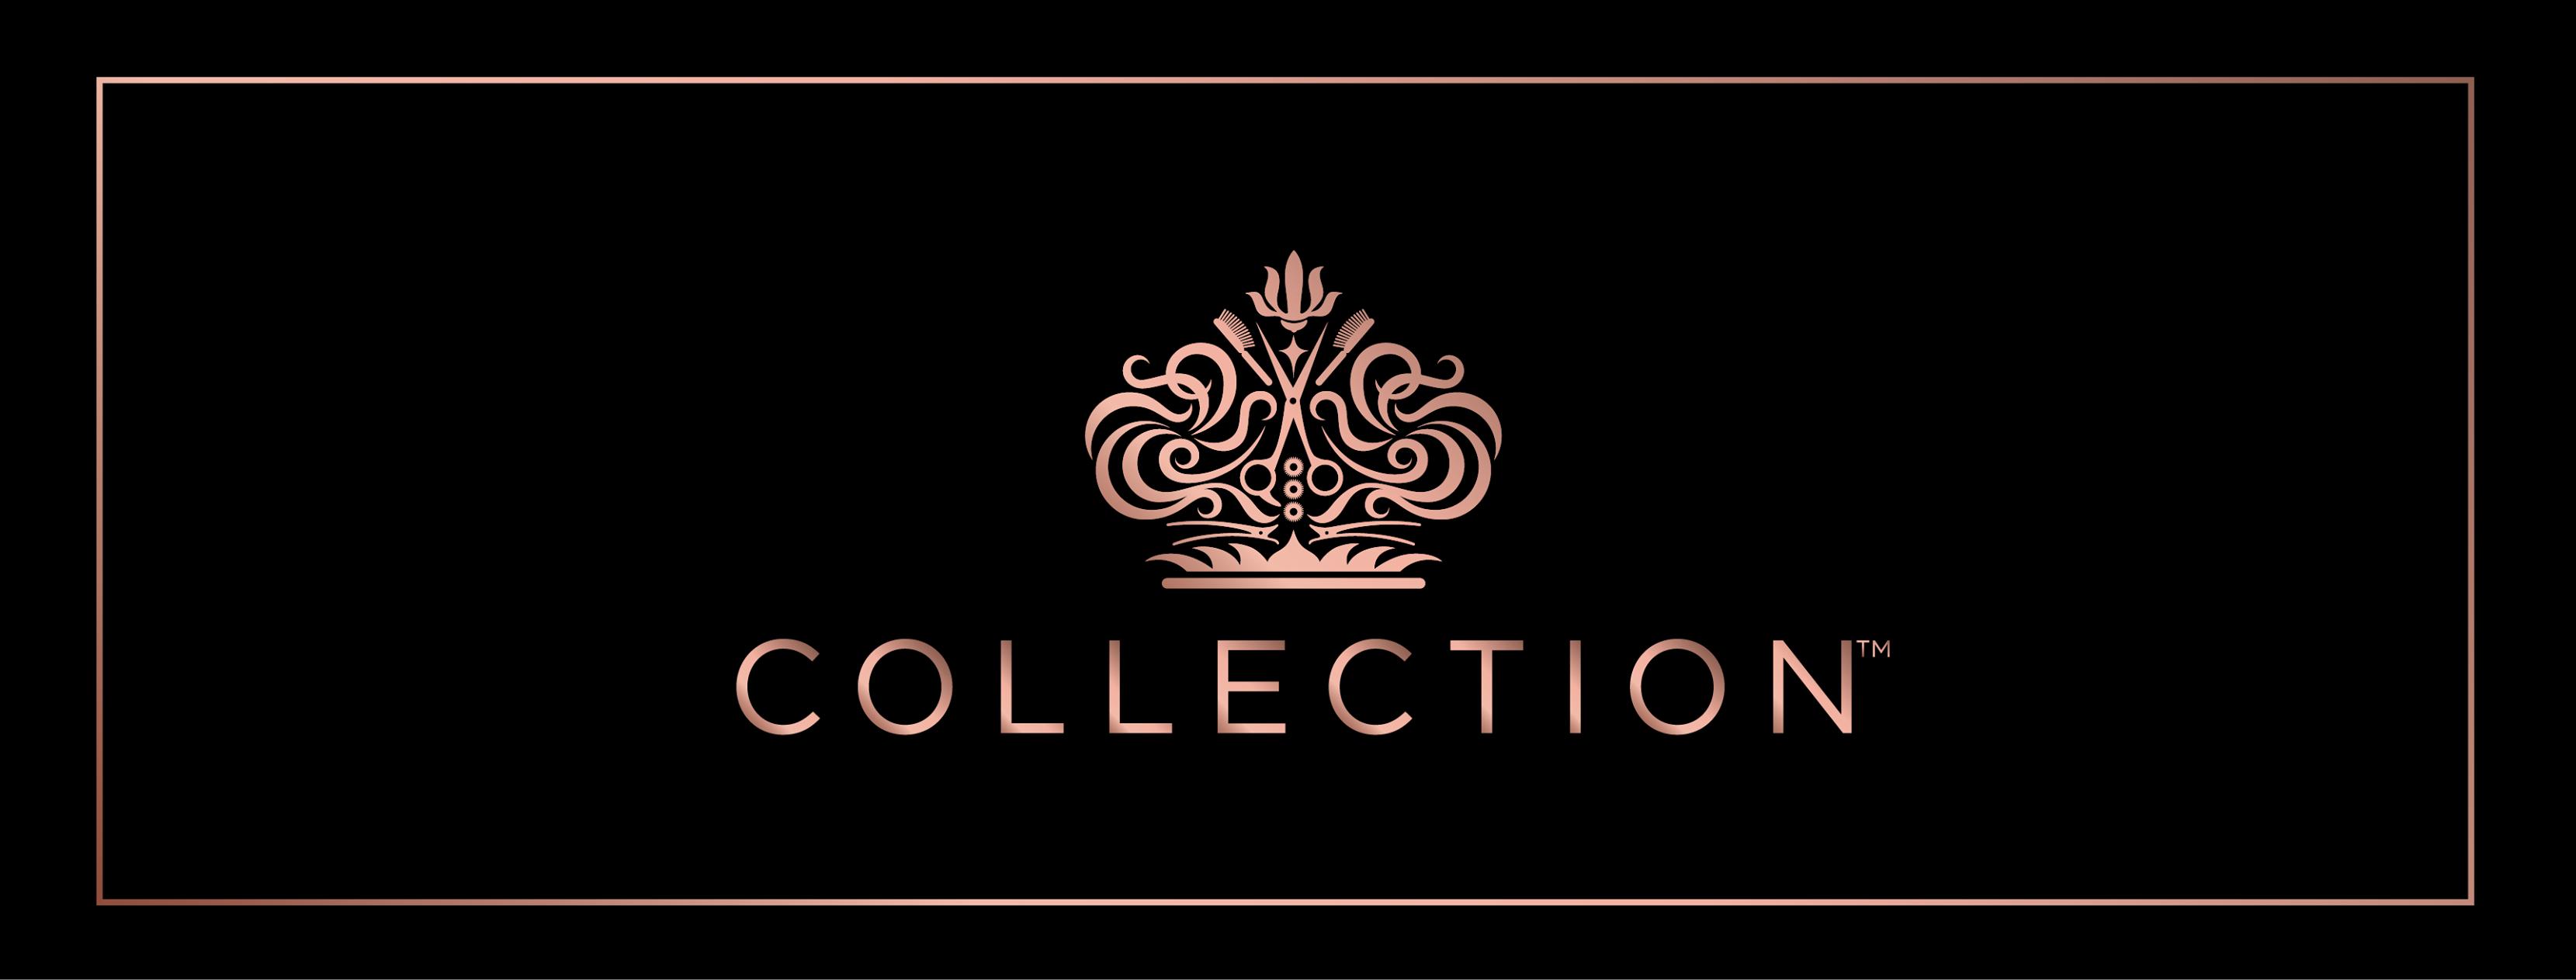 Collection Logo black